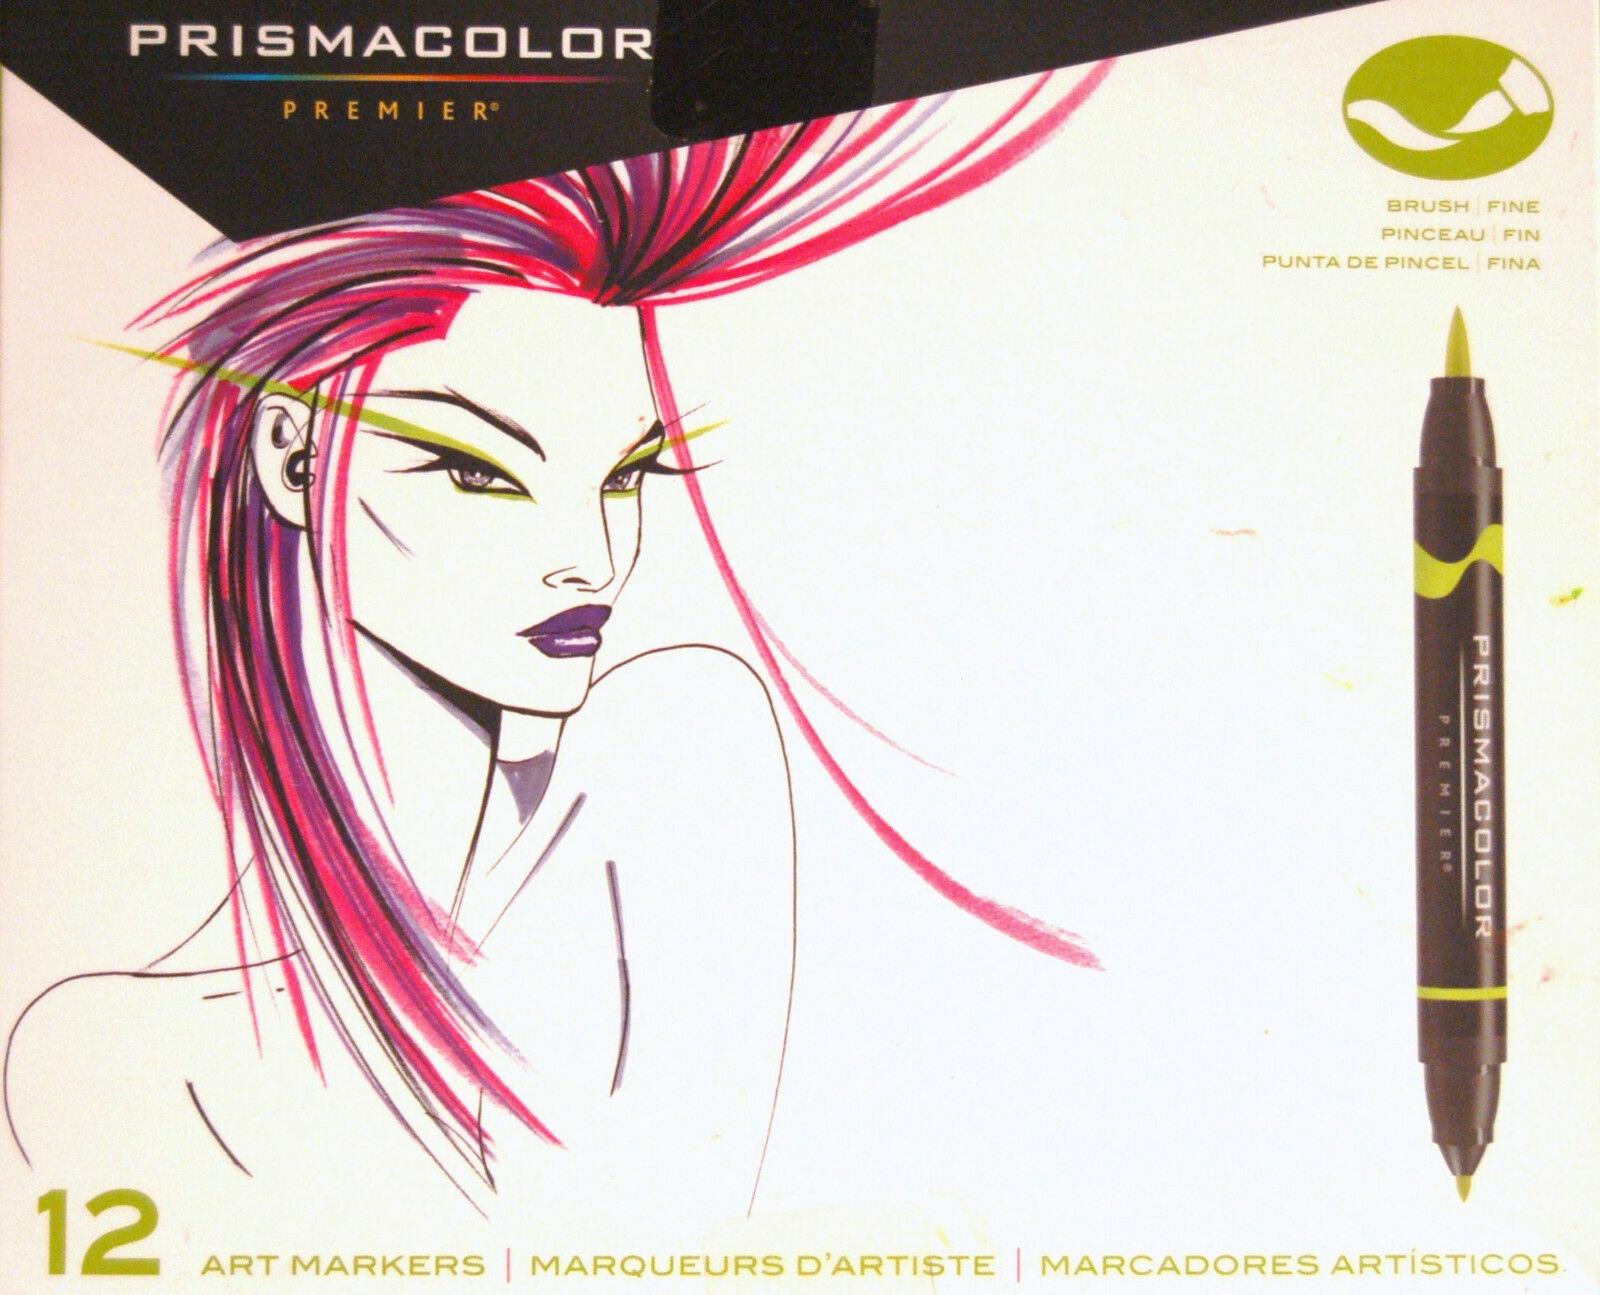 Prismacolor 1773297 Premier Double-Ended Art Markers, Fine a